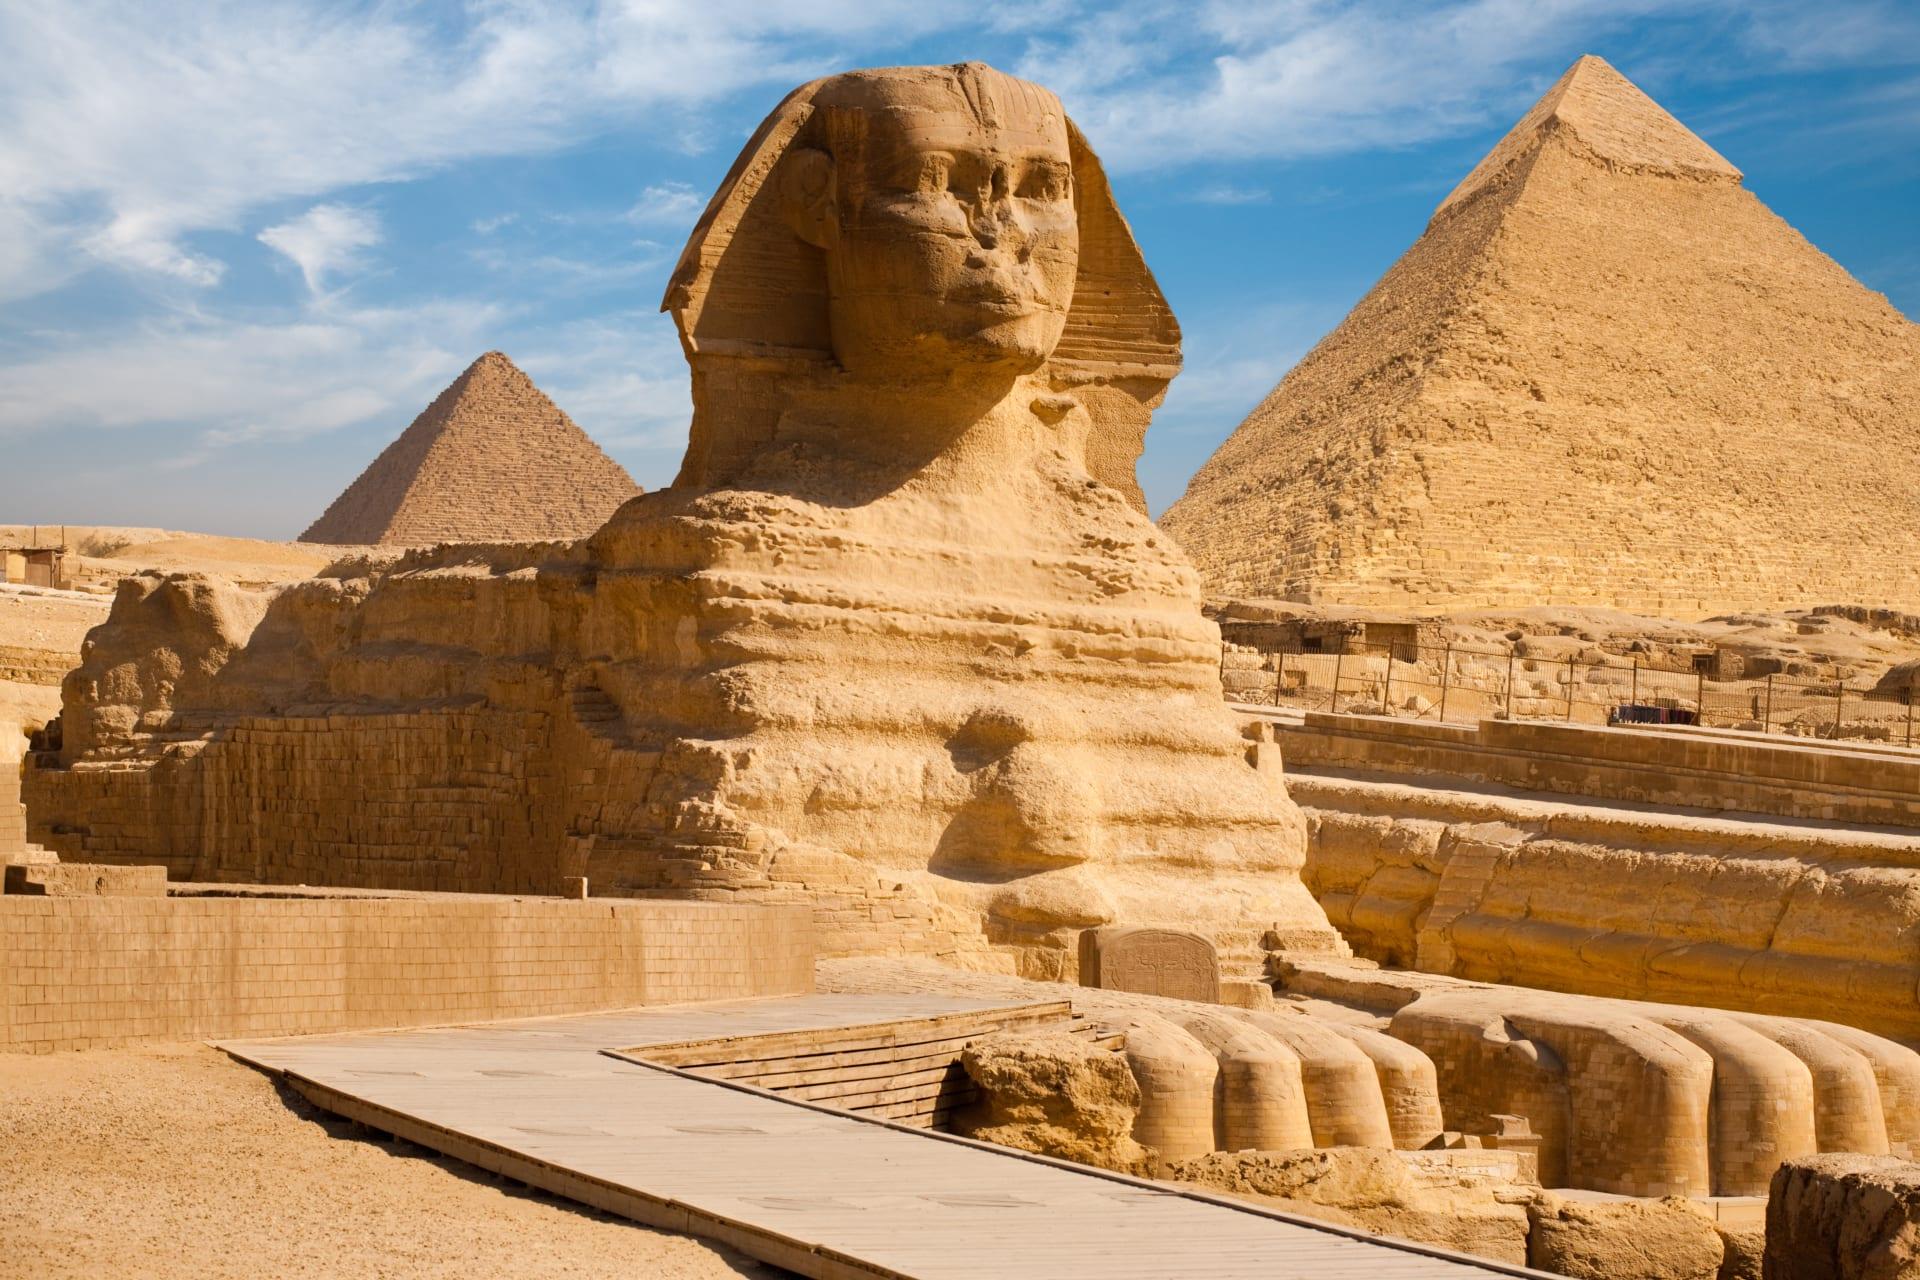 Cairo - Giza Pyramids & The Sphinx